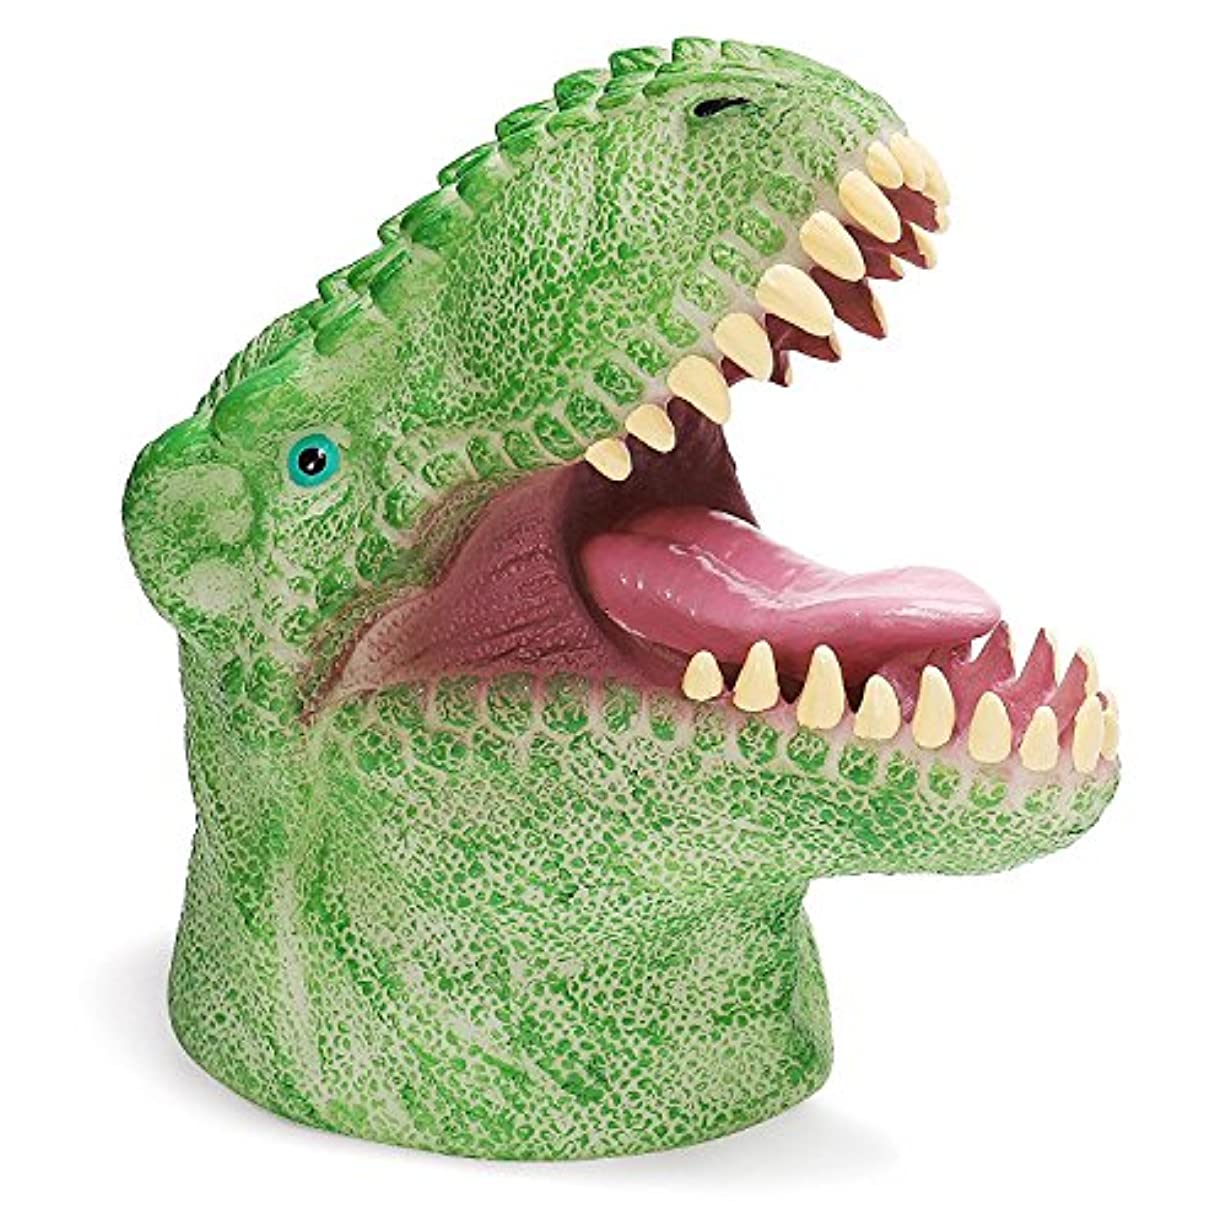 恐竜ナイトランプ USBポータブル充電式 7色変更